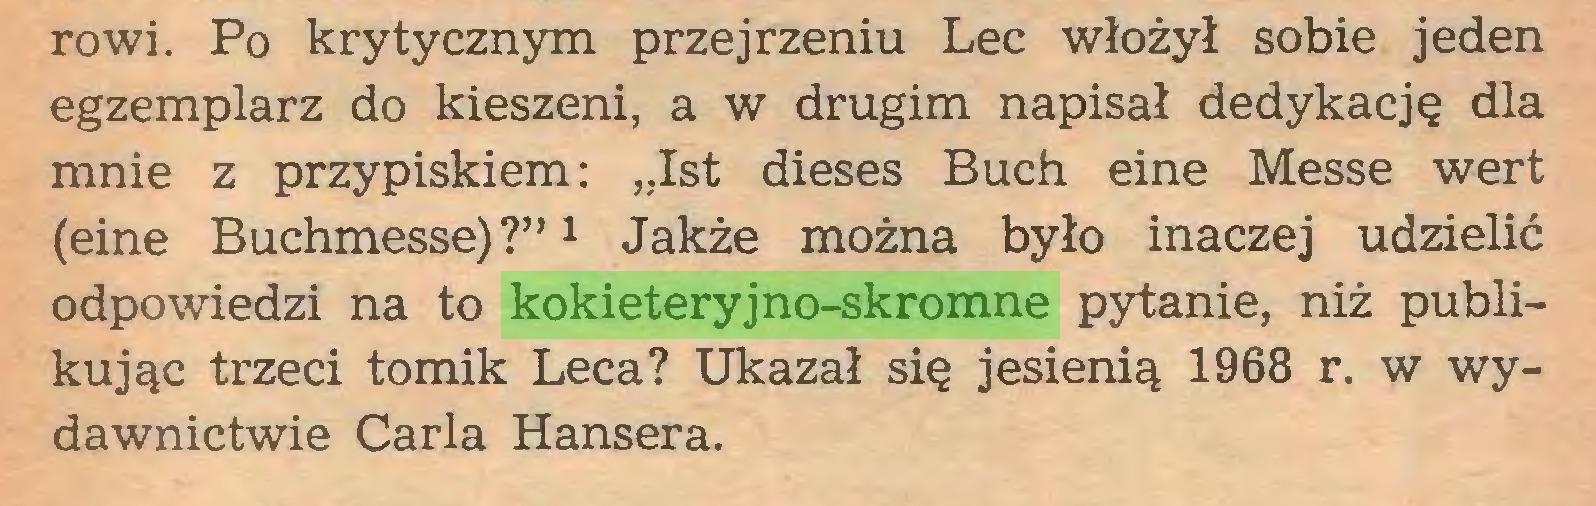 """(...) rowi. Po krytycznym przejrzeniu Lec włożył sobie jeden egzemplarz do kieszeni, a w drugim napisał dedykację dla mnie z przypiskiem: """"Ist dieses Buch eine Messe wert (eine Buchmesse) ?""""1 Jakże można było inaczej udzielić odpowiedzi na to kokieteryjno-skromne pytanie, niż publikując trzeci tomik Lecą? Ukazał się jesienią 1968 r. w wydawnictwie Carla Hansera..."""